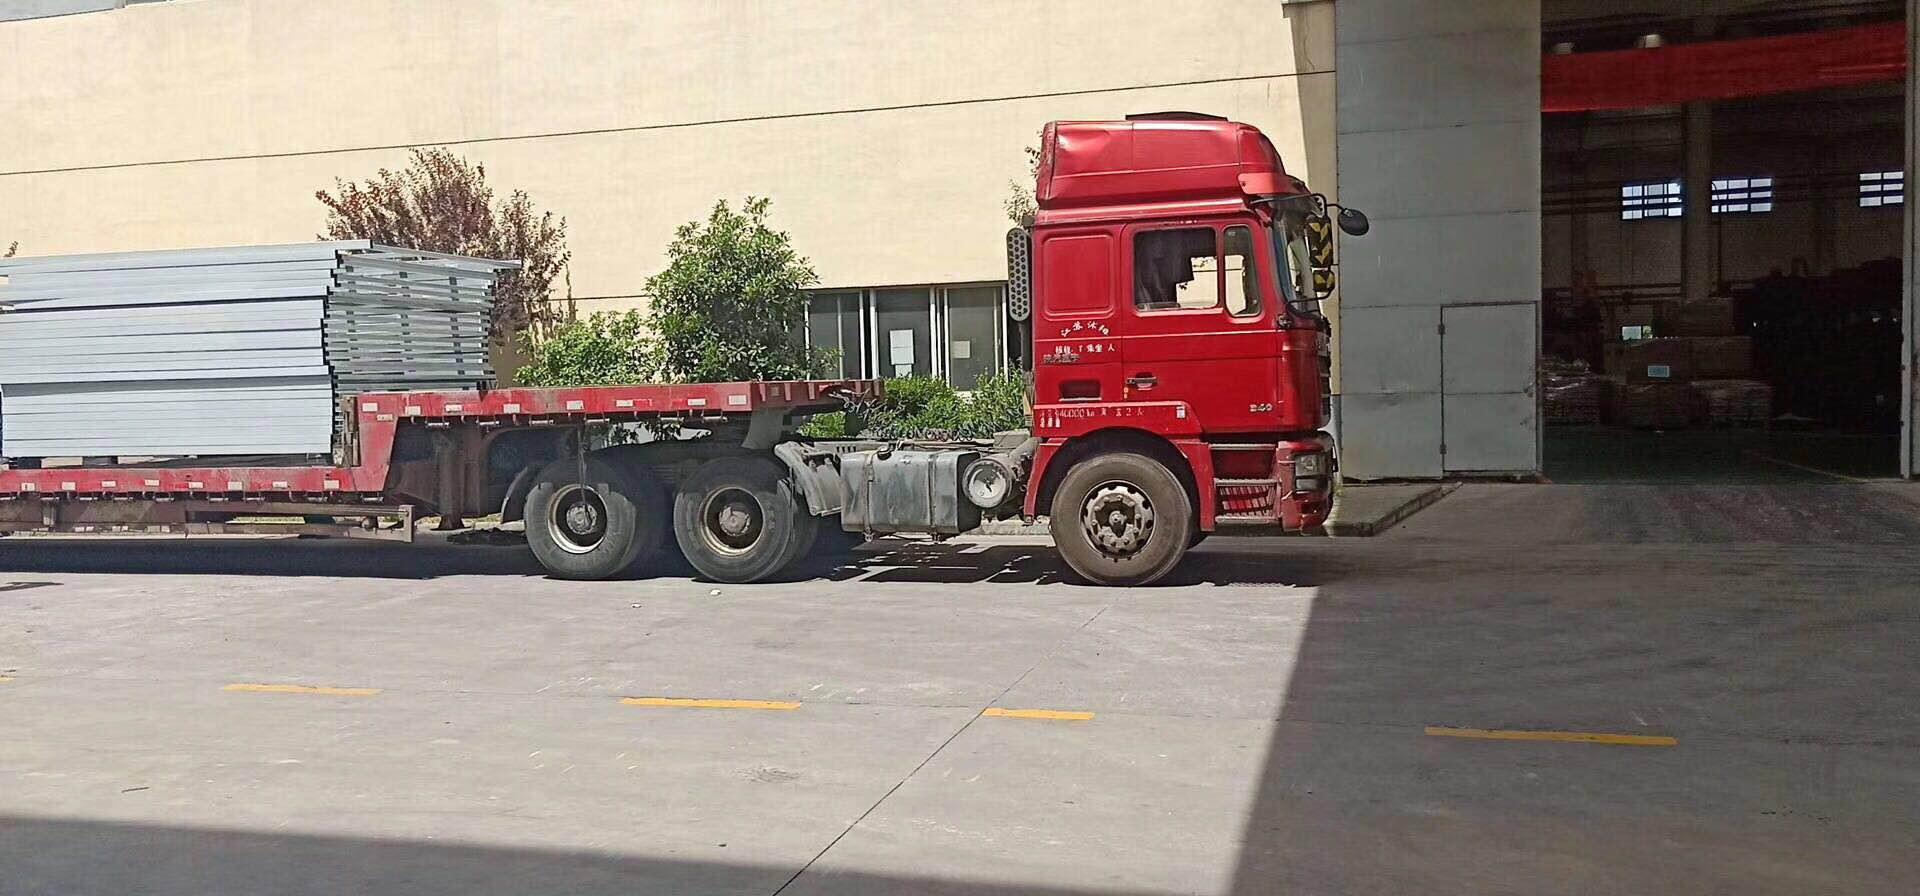 杭州到枣庄货物运输 货物运输咨询电话